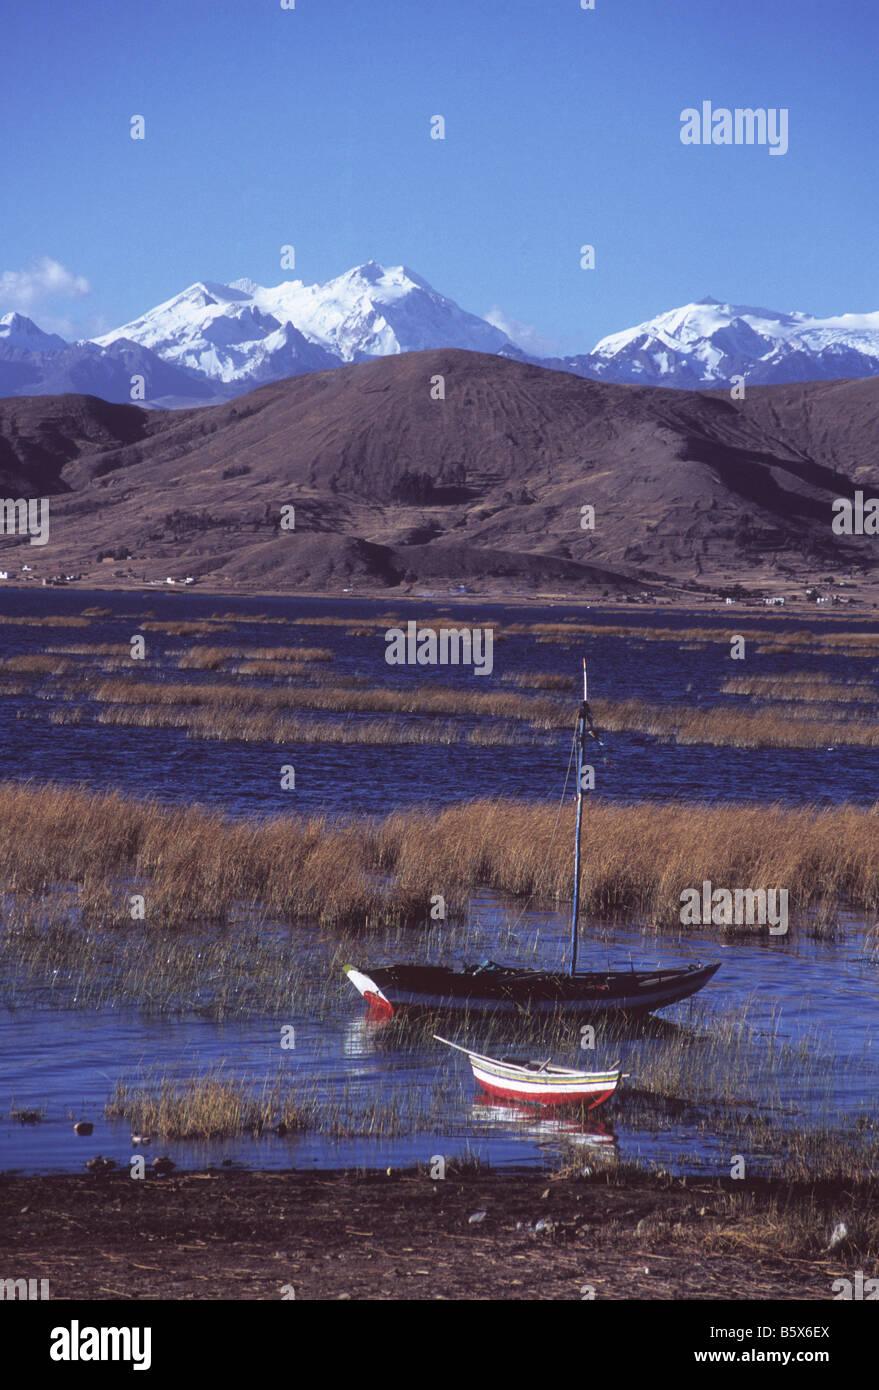 Fishing boats at Puerto Perez, Mt Chearoco and Cordillera Real behind, Lake Titicaca, Bolivia - Stock Image